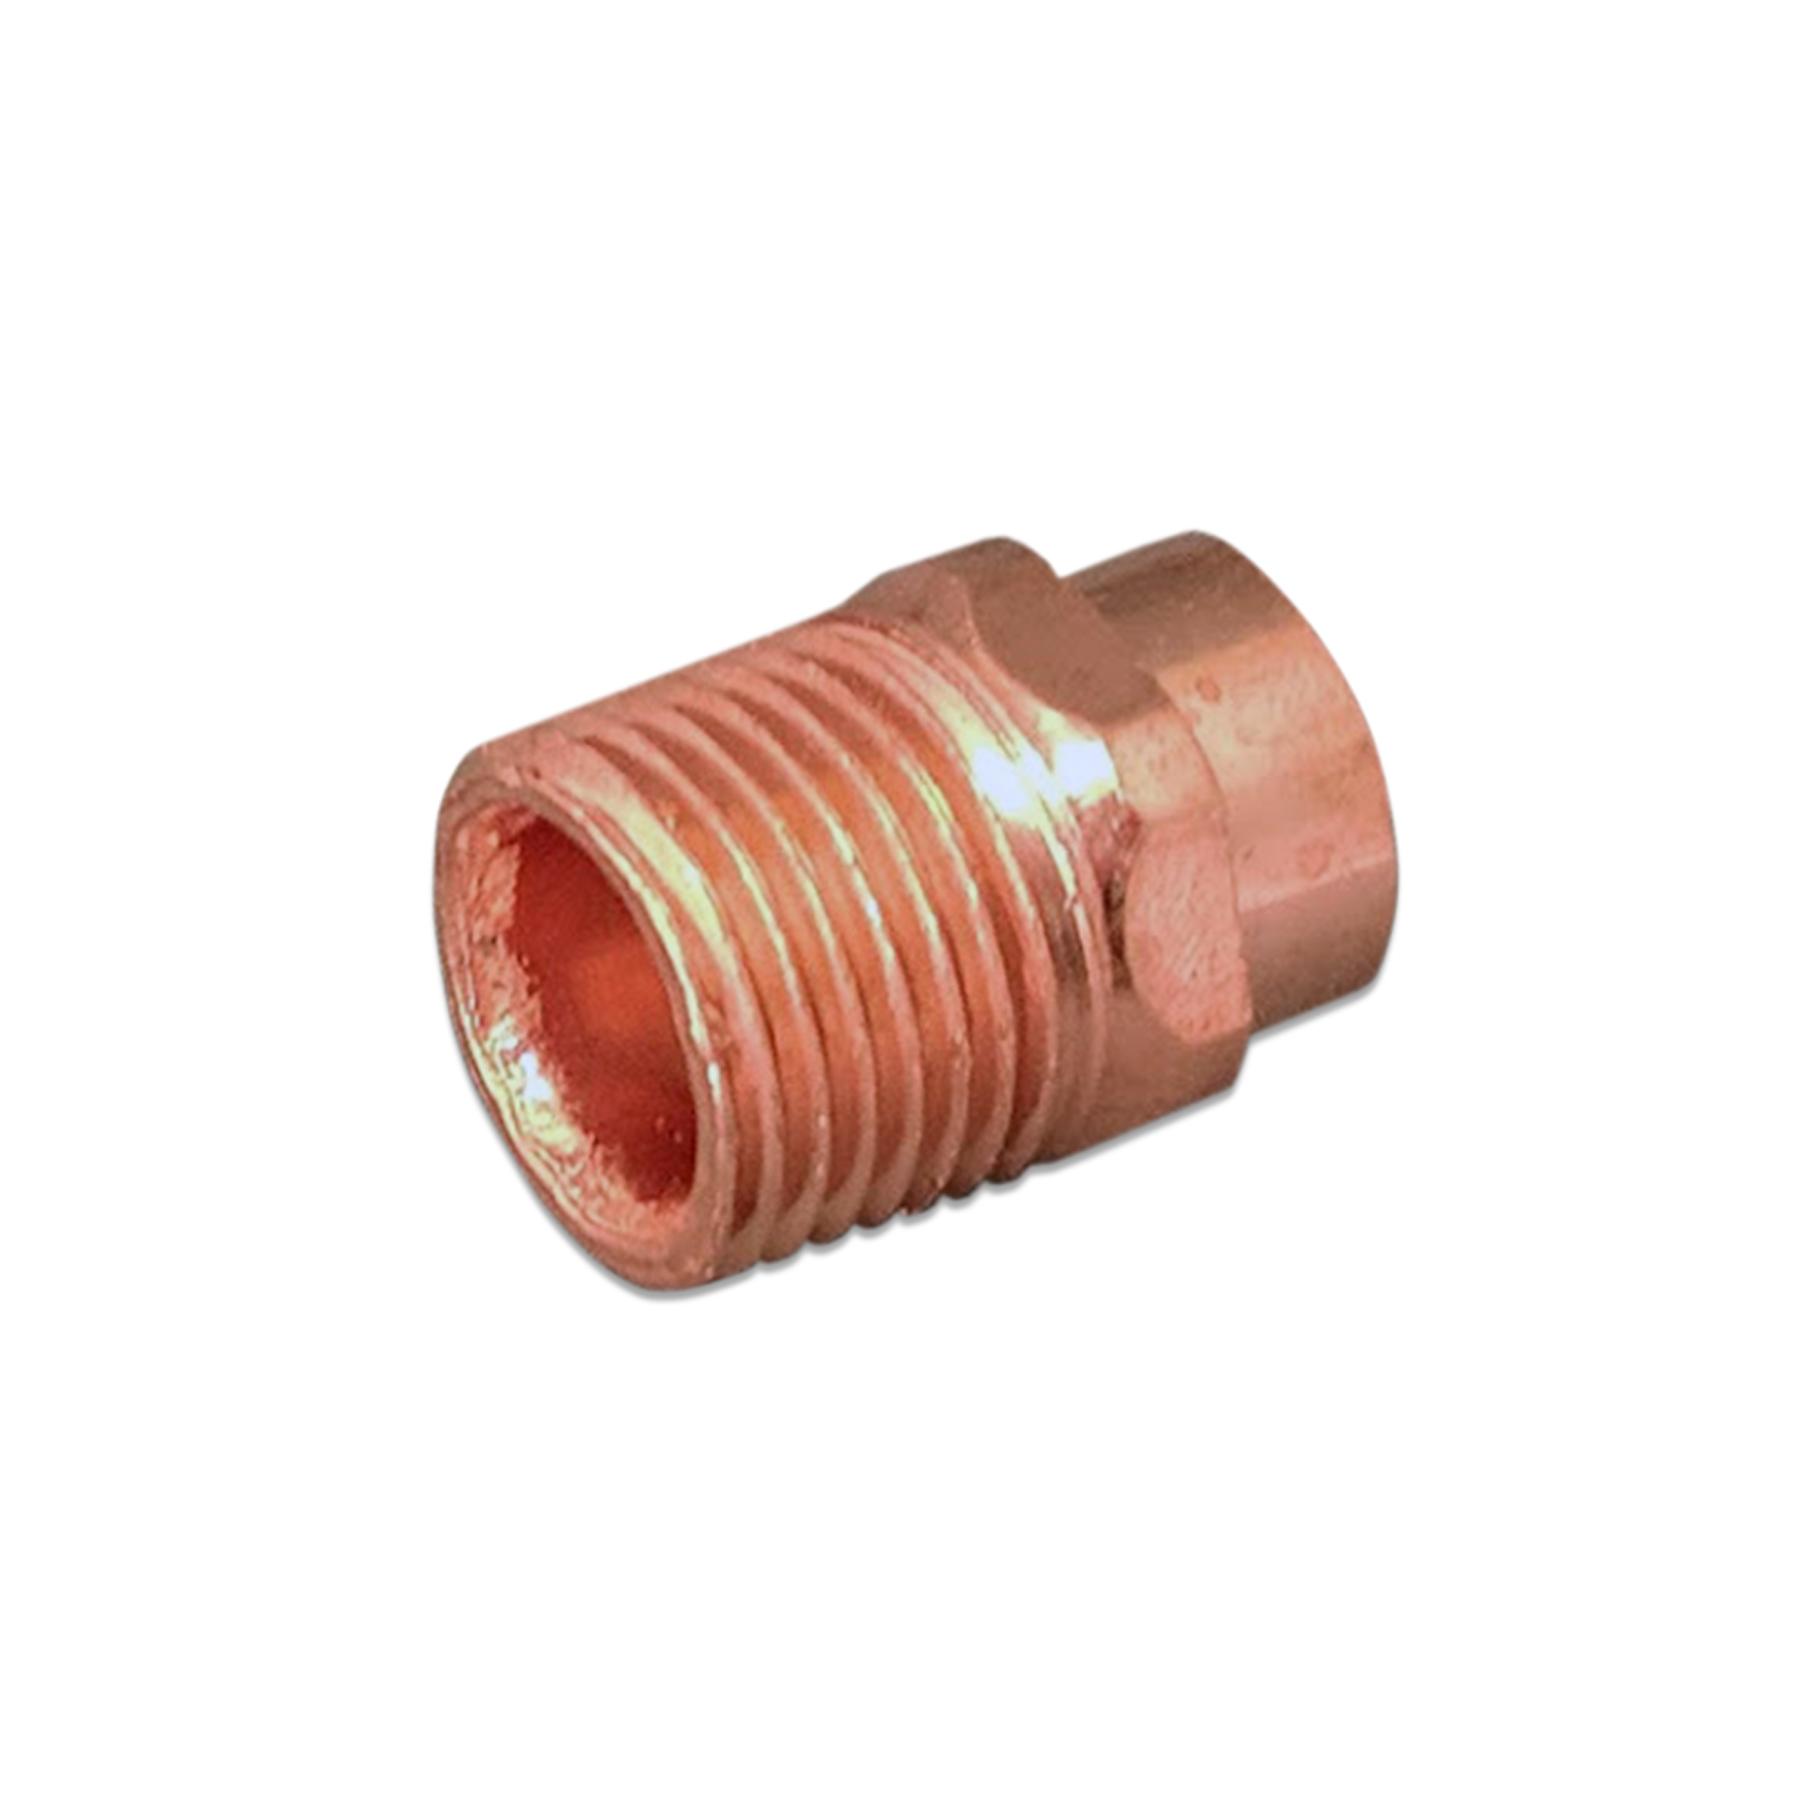 Copper Adapter Fitting, 1/2 (F) Sweat x 1/2 (M) NPT